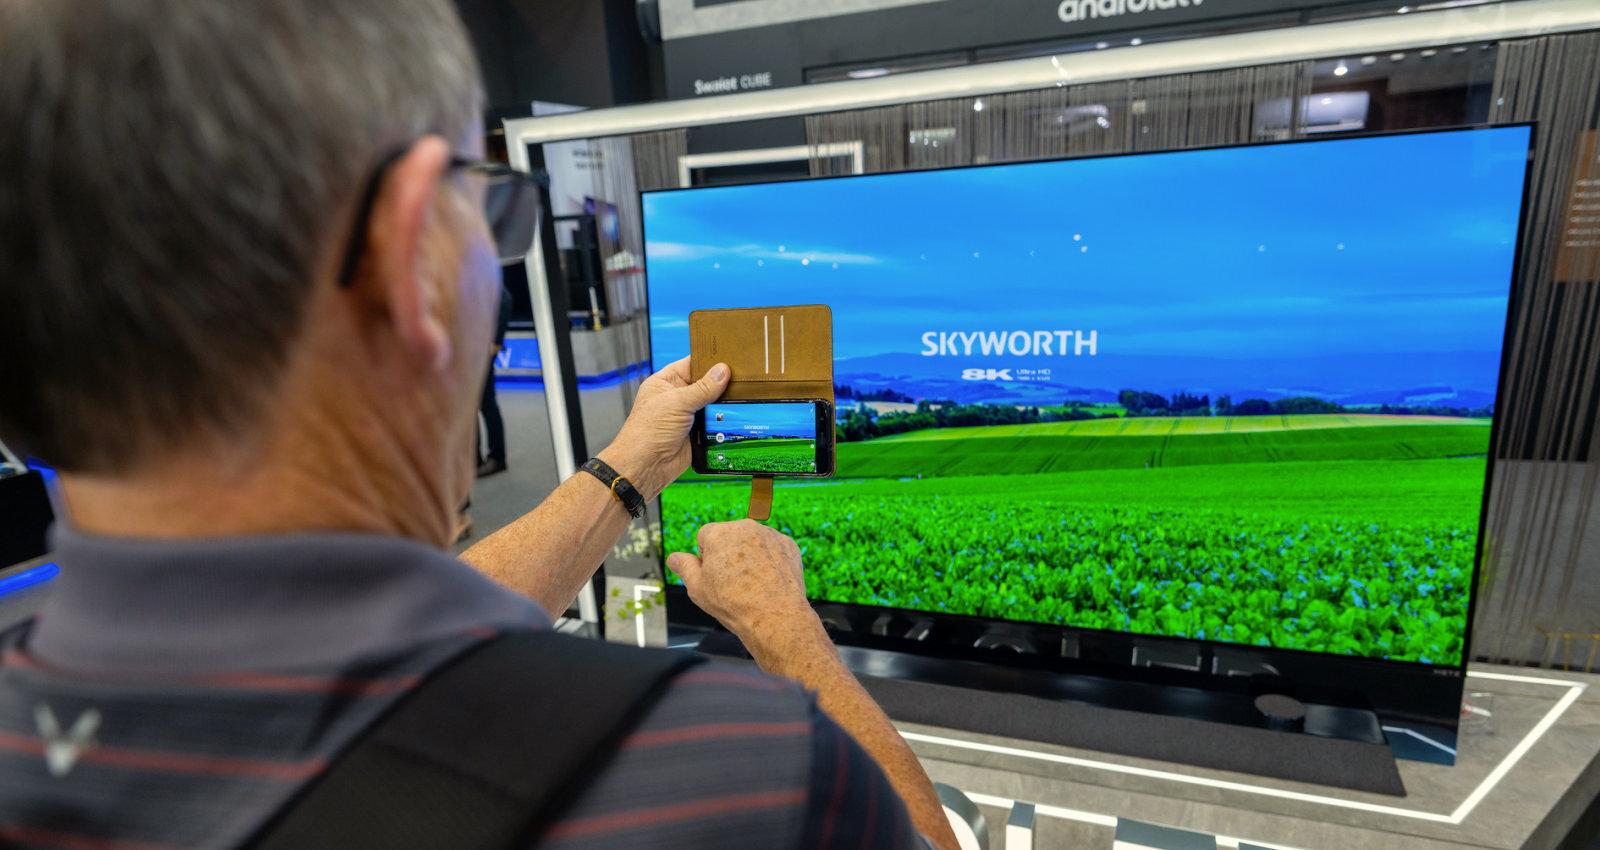 No sarullējamiem televizoriem līdz personīgajām picas krāsnīm – jaunumi mājas tehnikas izstādē IFA 2019